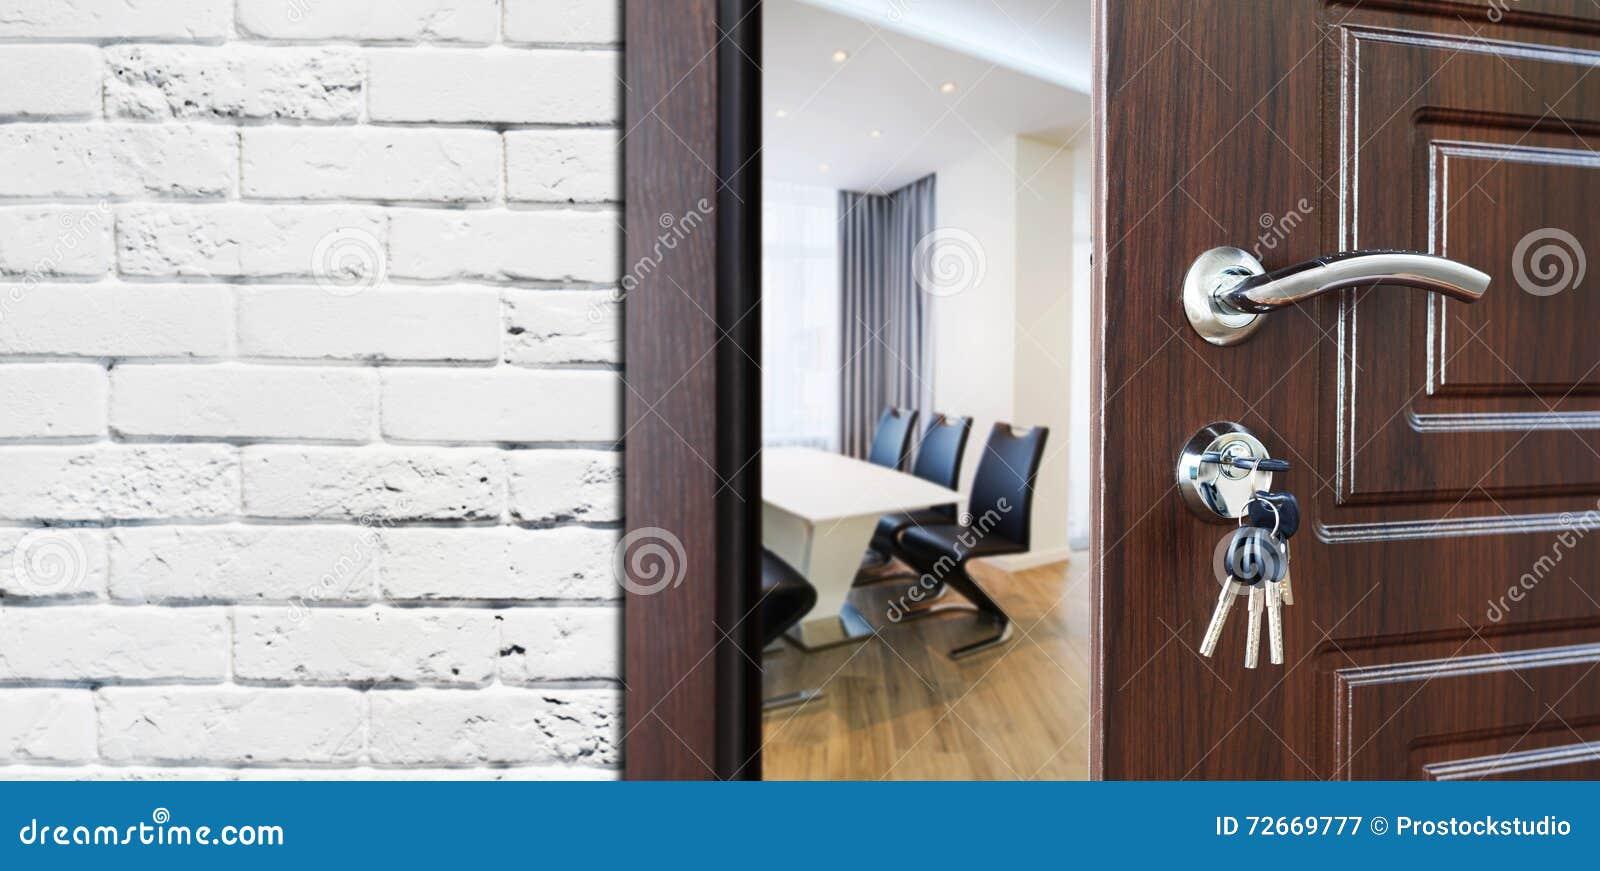 Half Open Door Welcome To The Office Stock Image Image